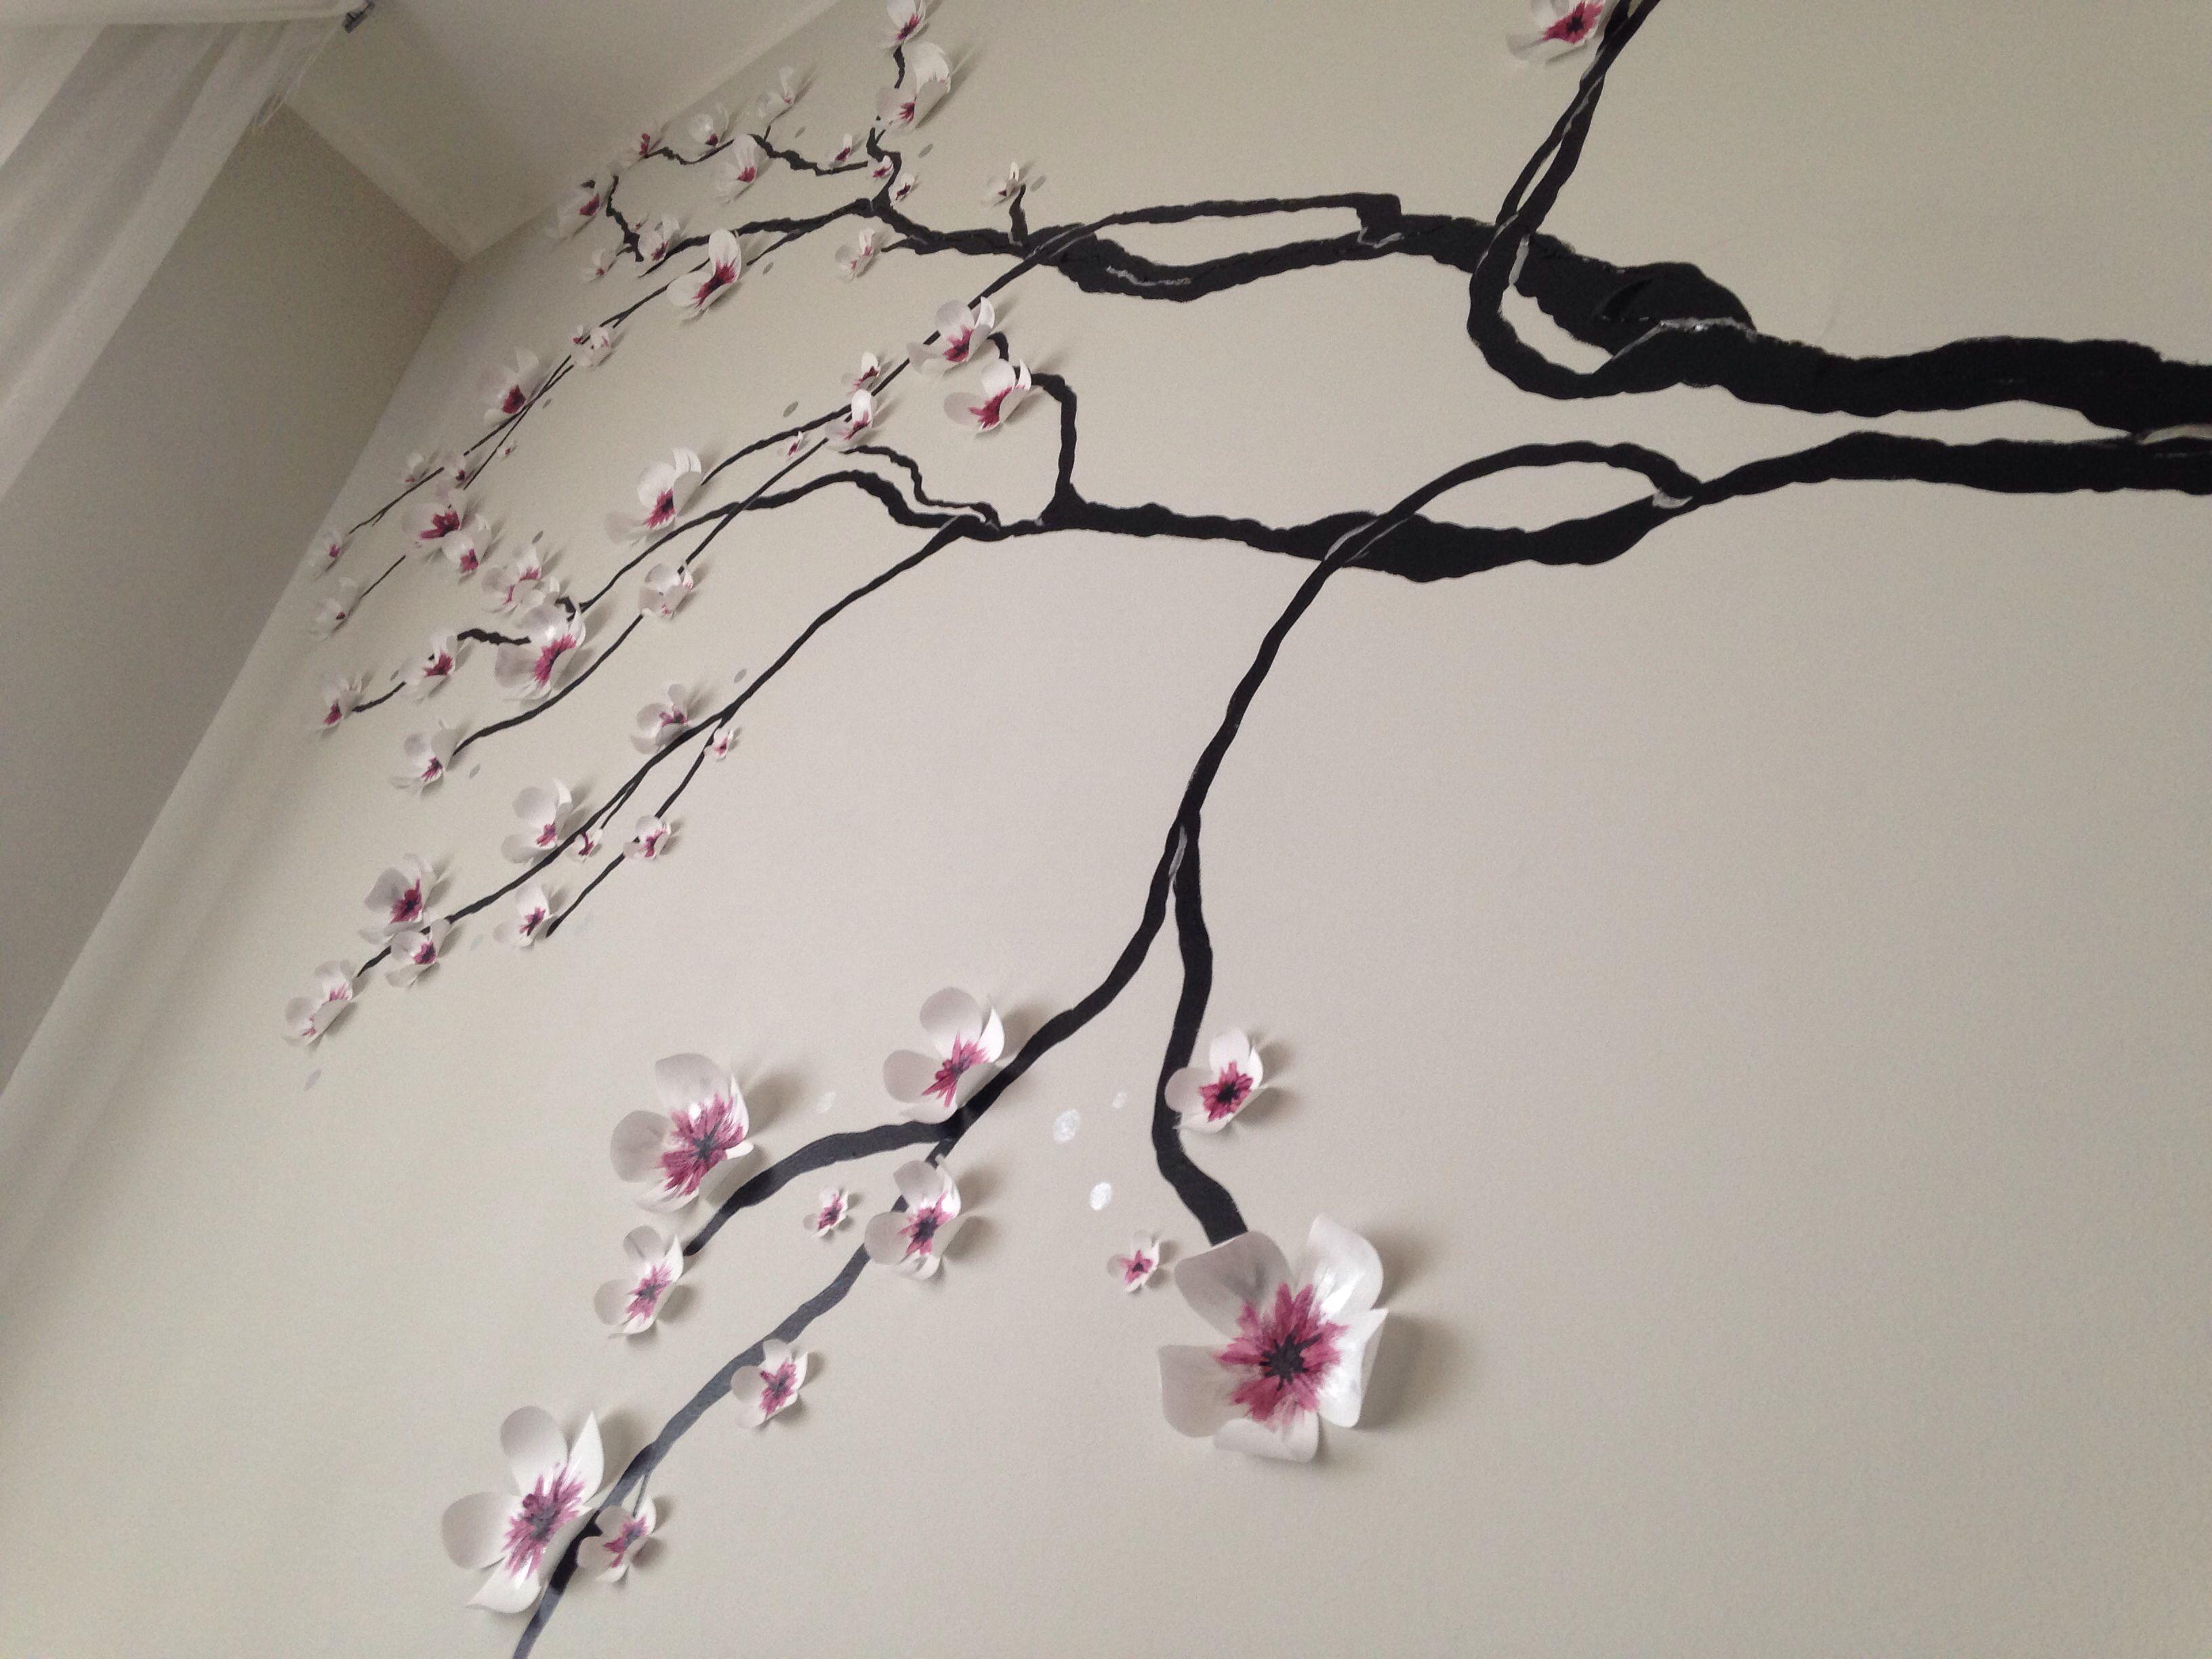 Disegni Sui Muri Di Casa disegni sui muri (con immagini) | arredamento casa, muri